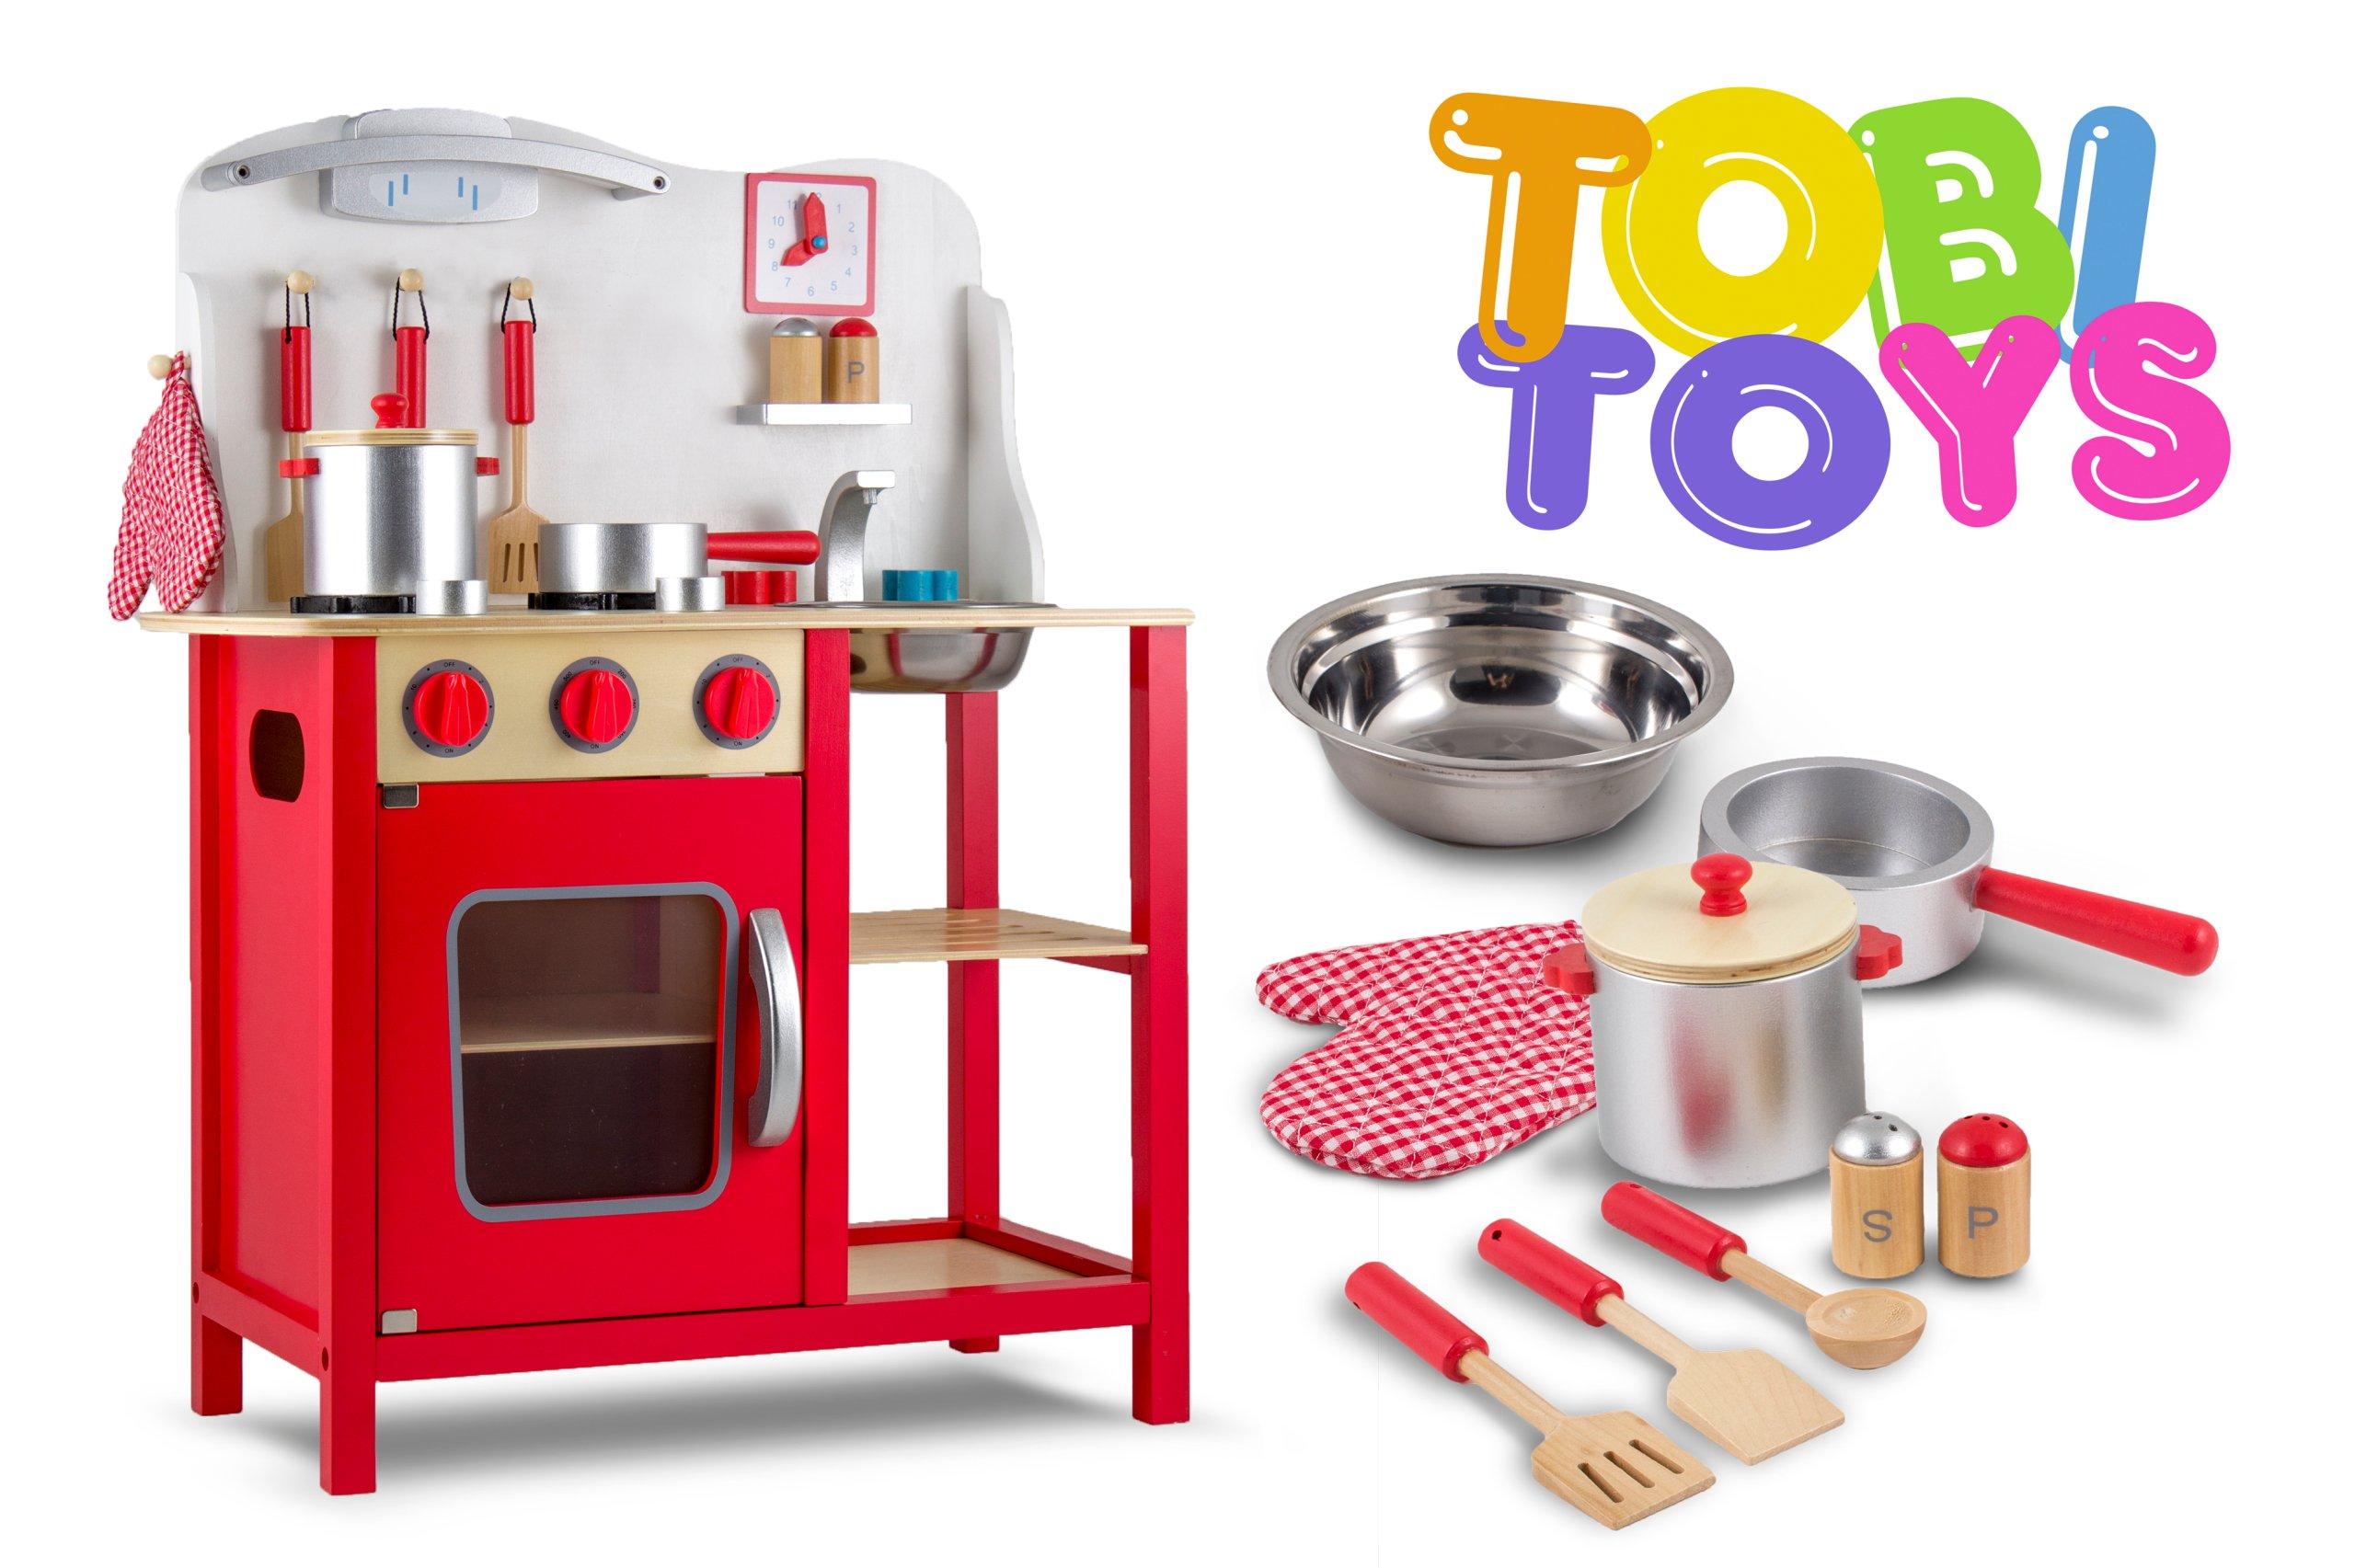 Kuchenka Drewniana Kuchnia Czerwona Tobi Toys W06